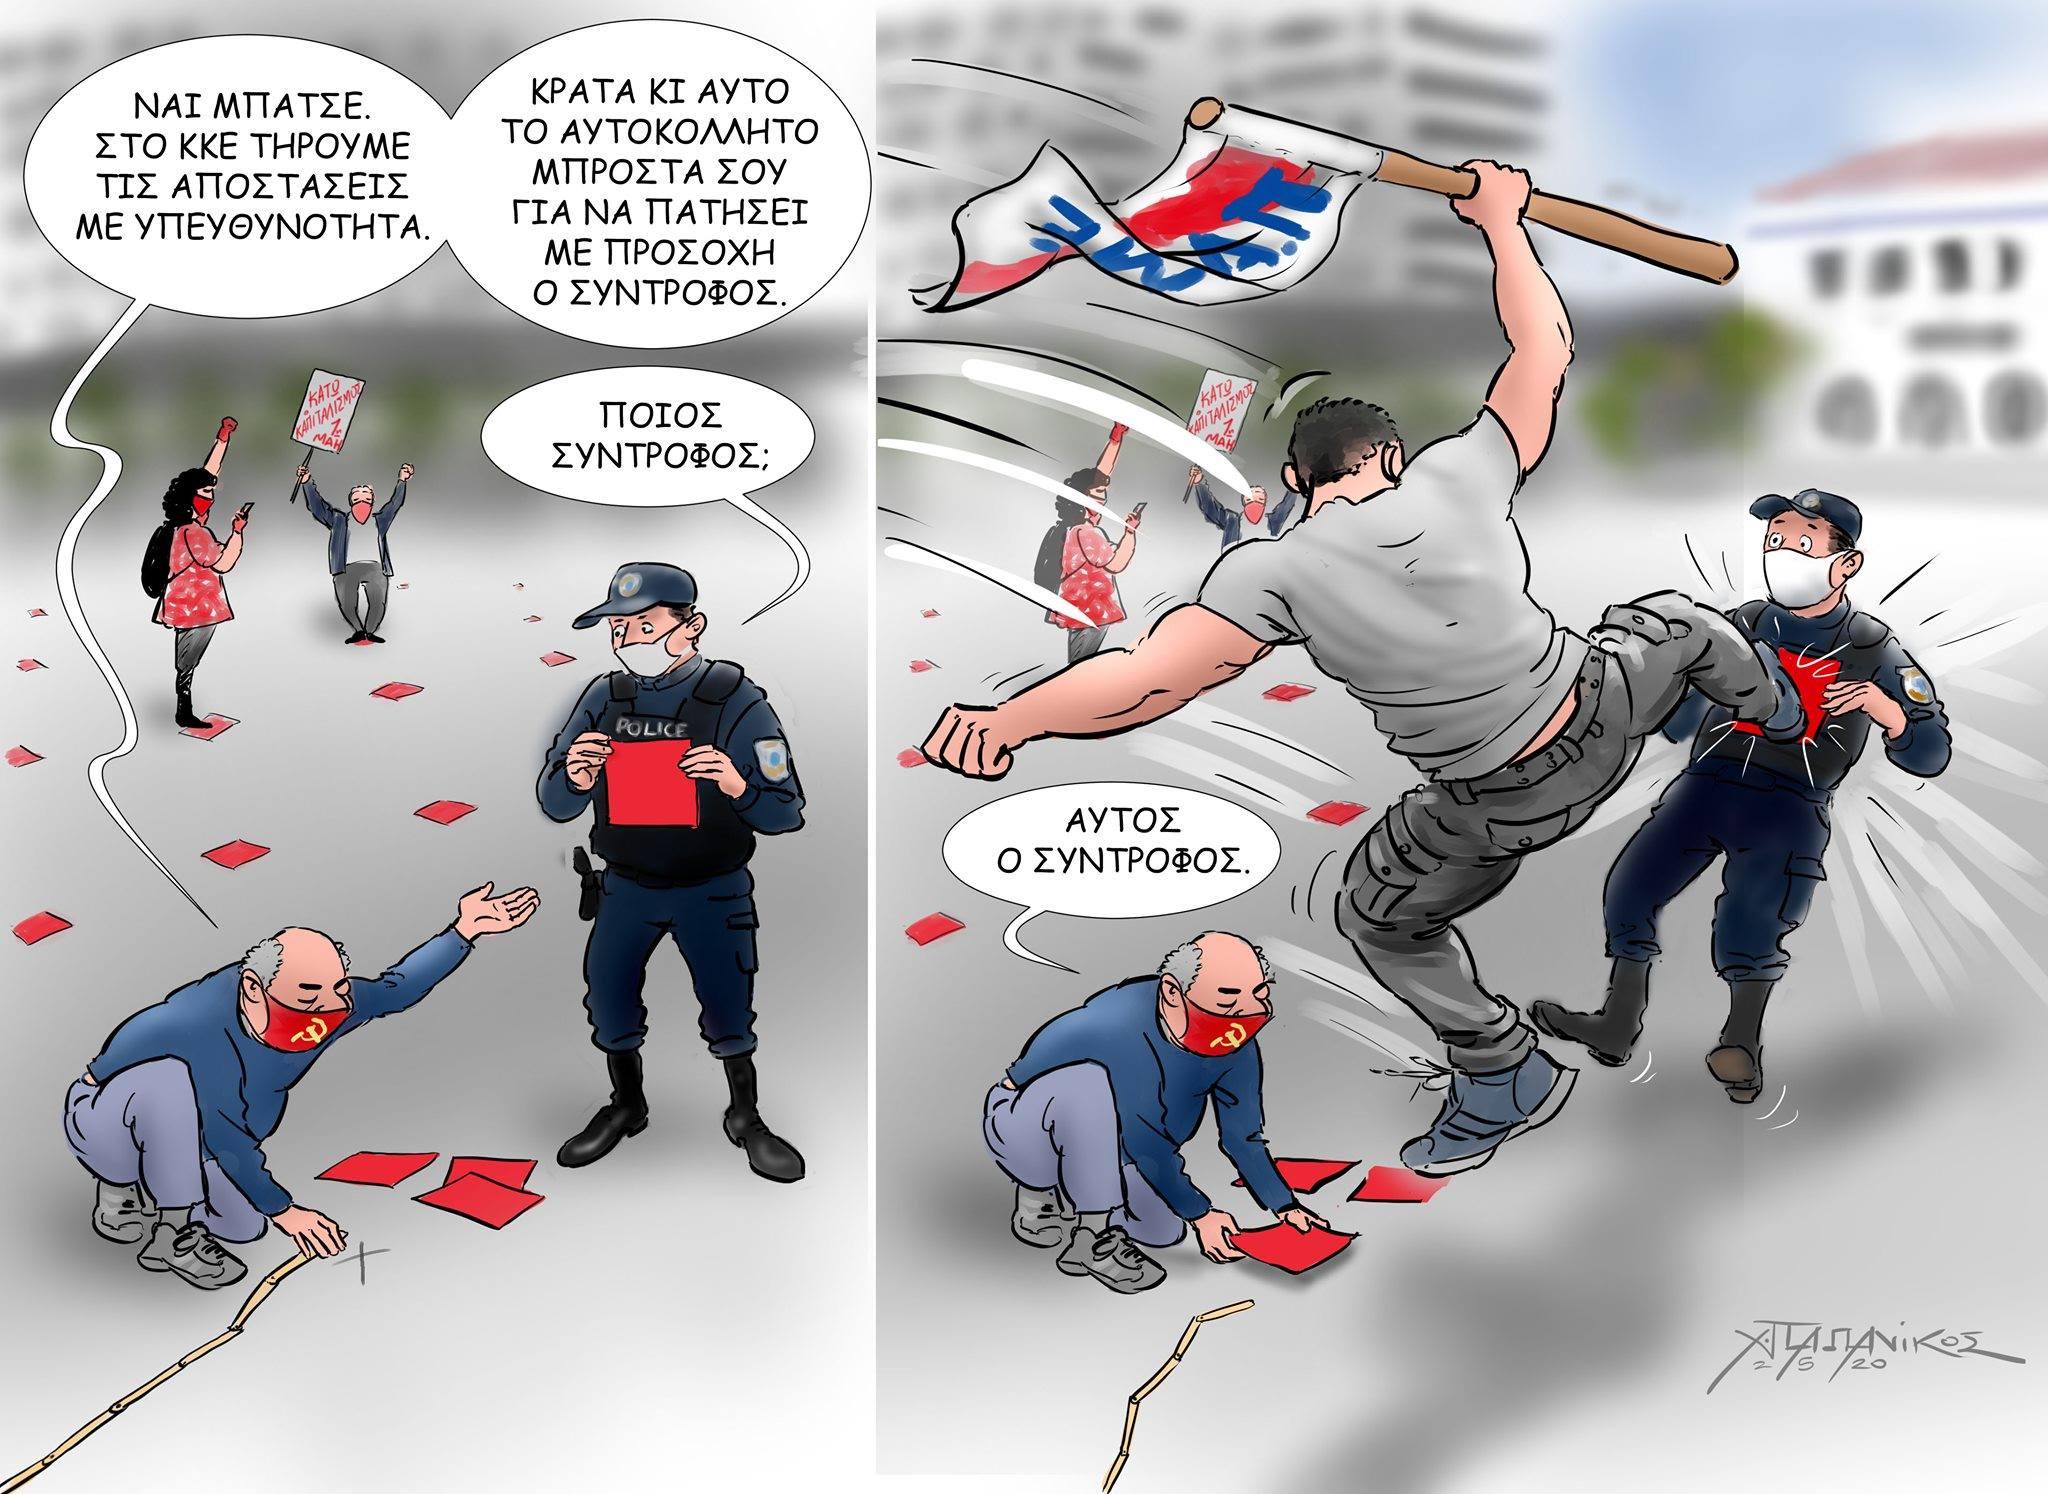 Διαδηλώσεις: Μια ανθηρή αριστεροδεξιά βιομηχανία